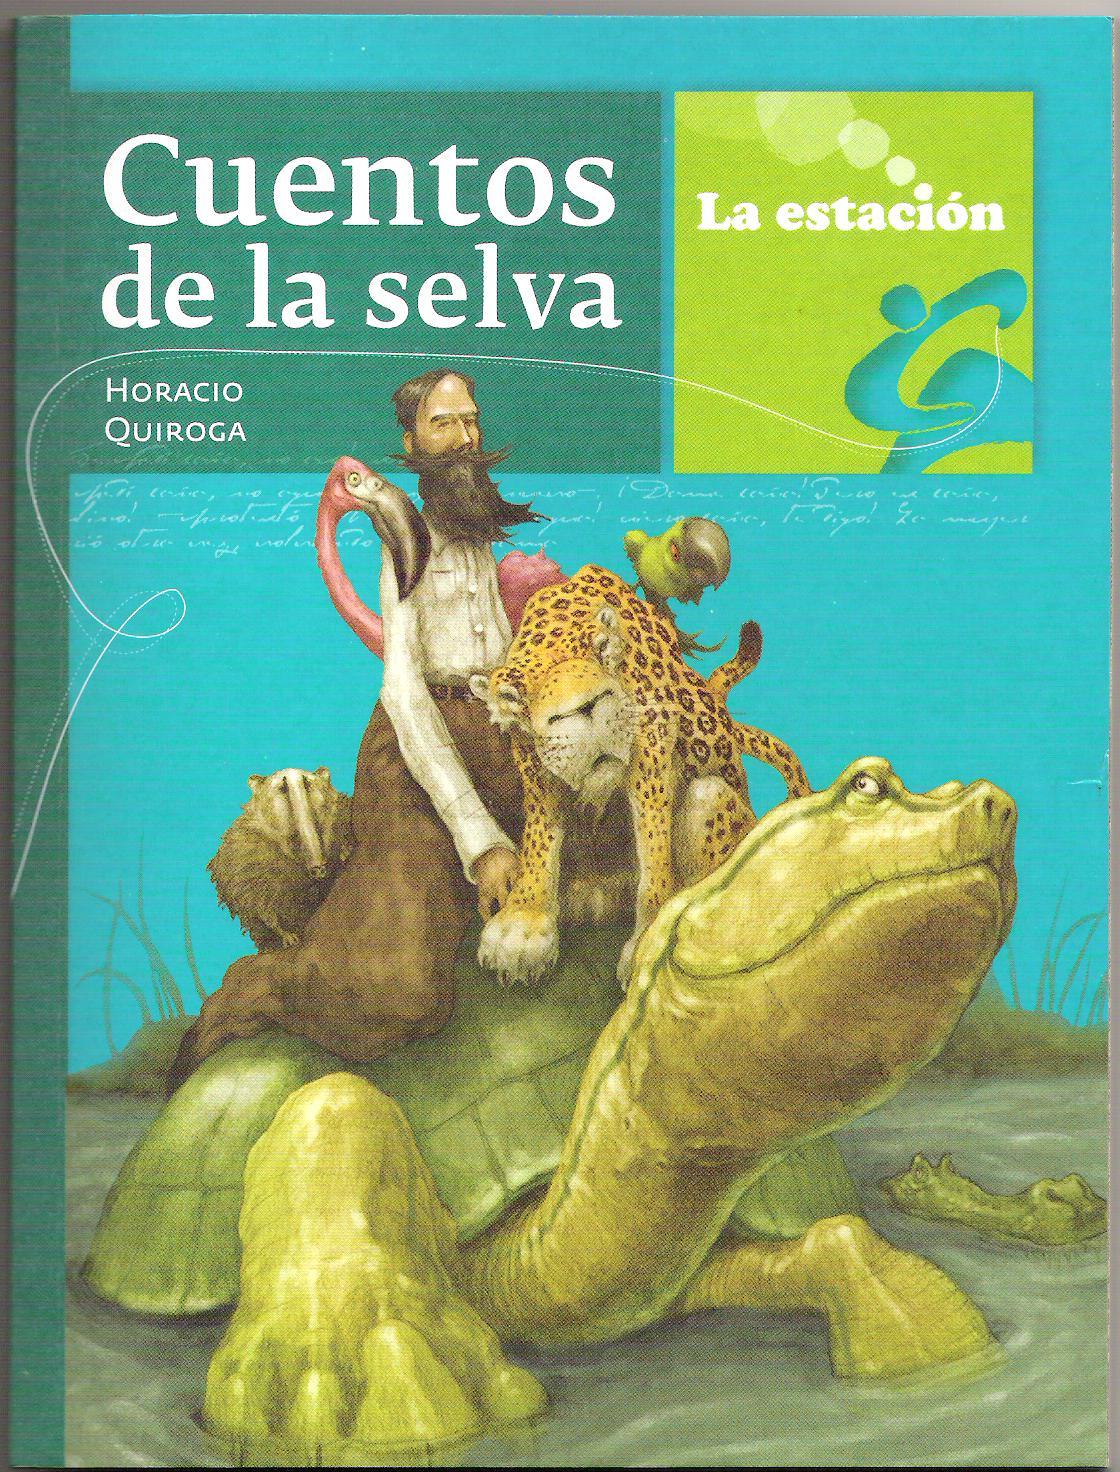 Horacio Quiroga, una vida de tragedias. - Imágenes en Taringa!